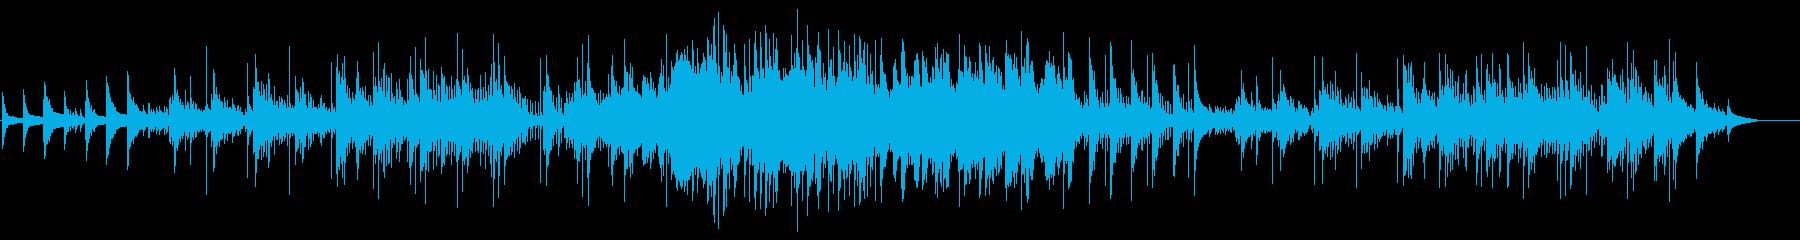 和服での入場を想定したオリエンタルBGMの再生済みの波形